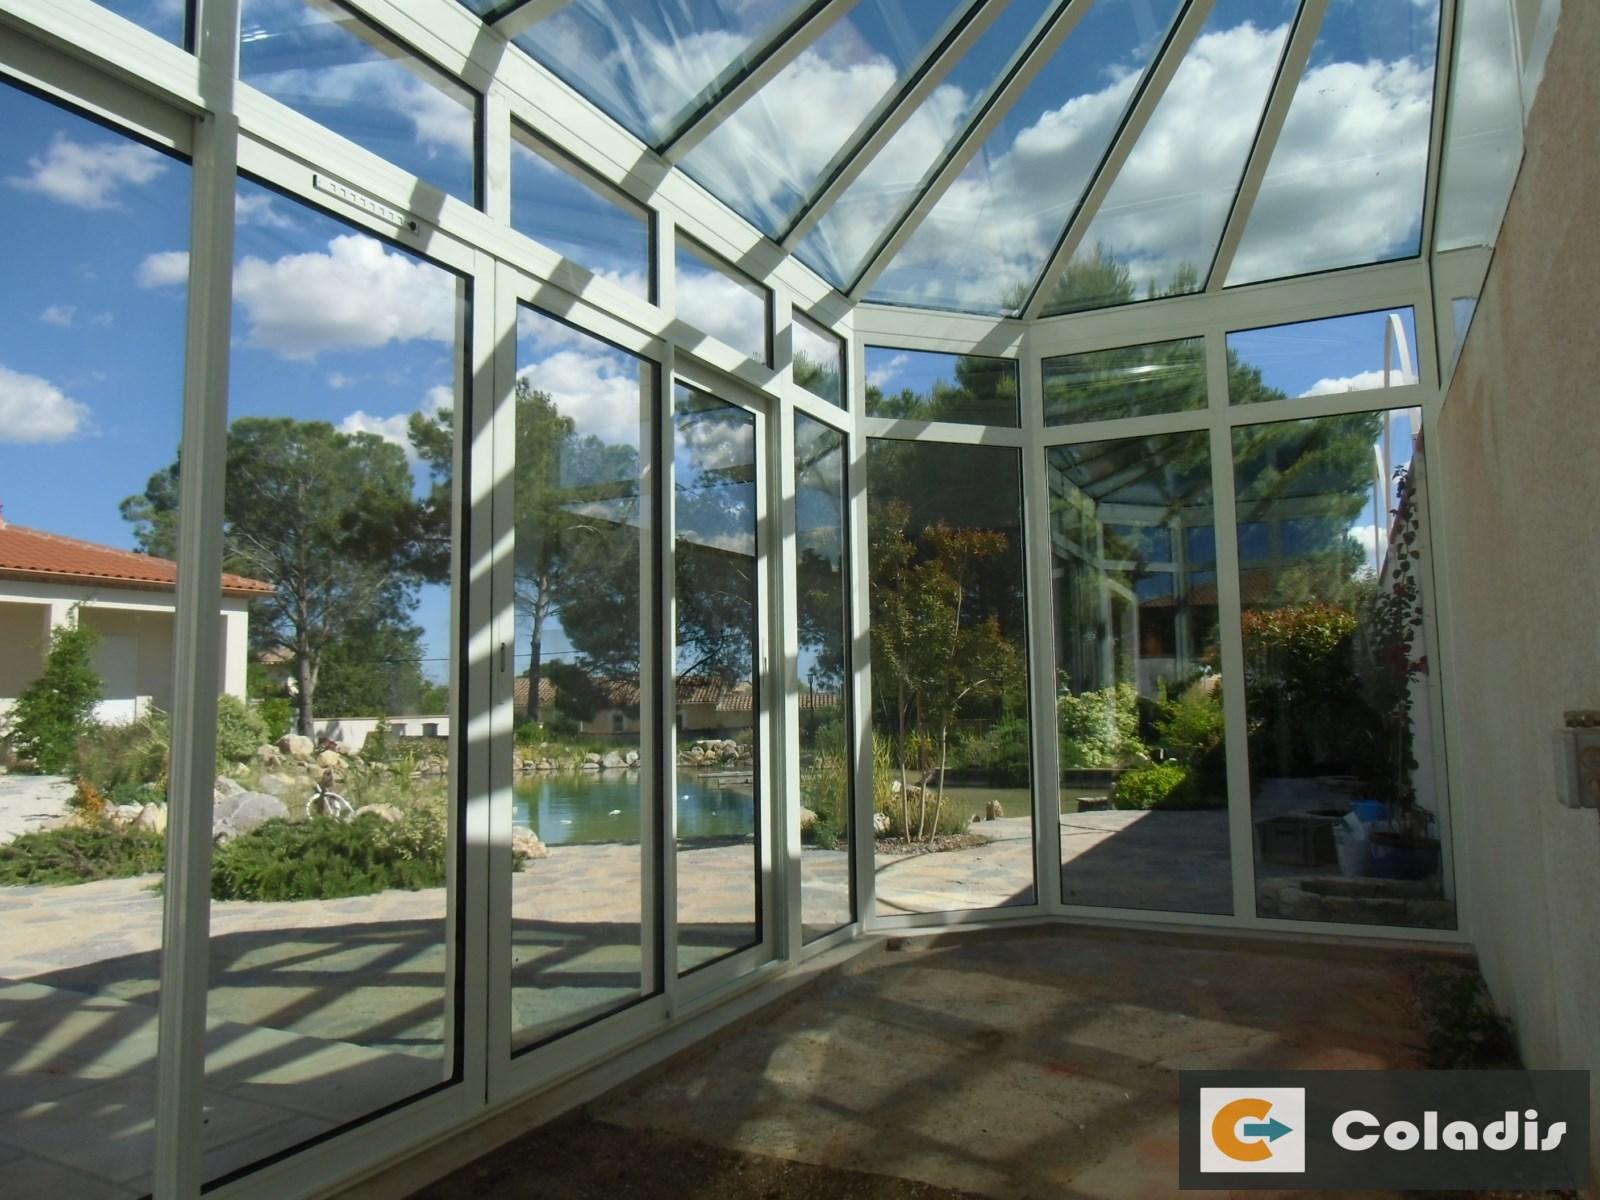 Coladis véranda toiture facade vitrées gestion climatique Montpellier Hérault